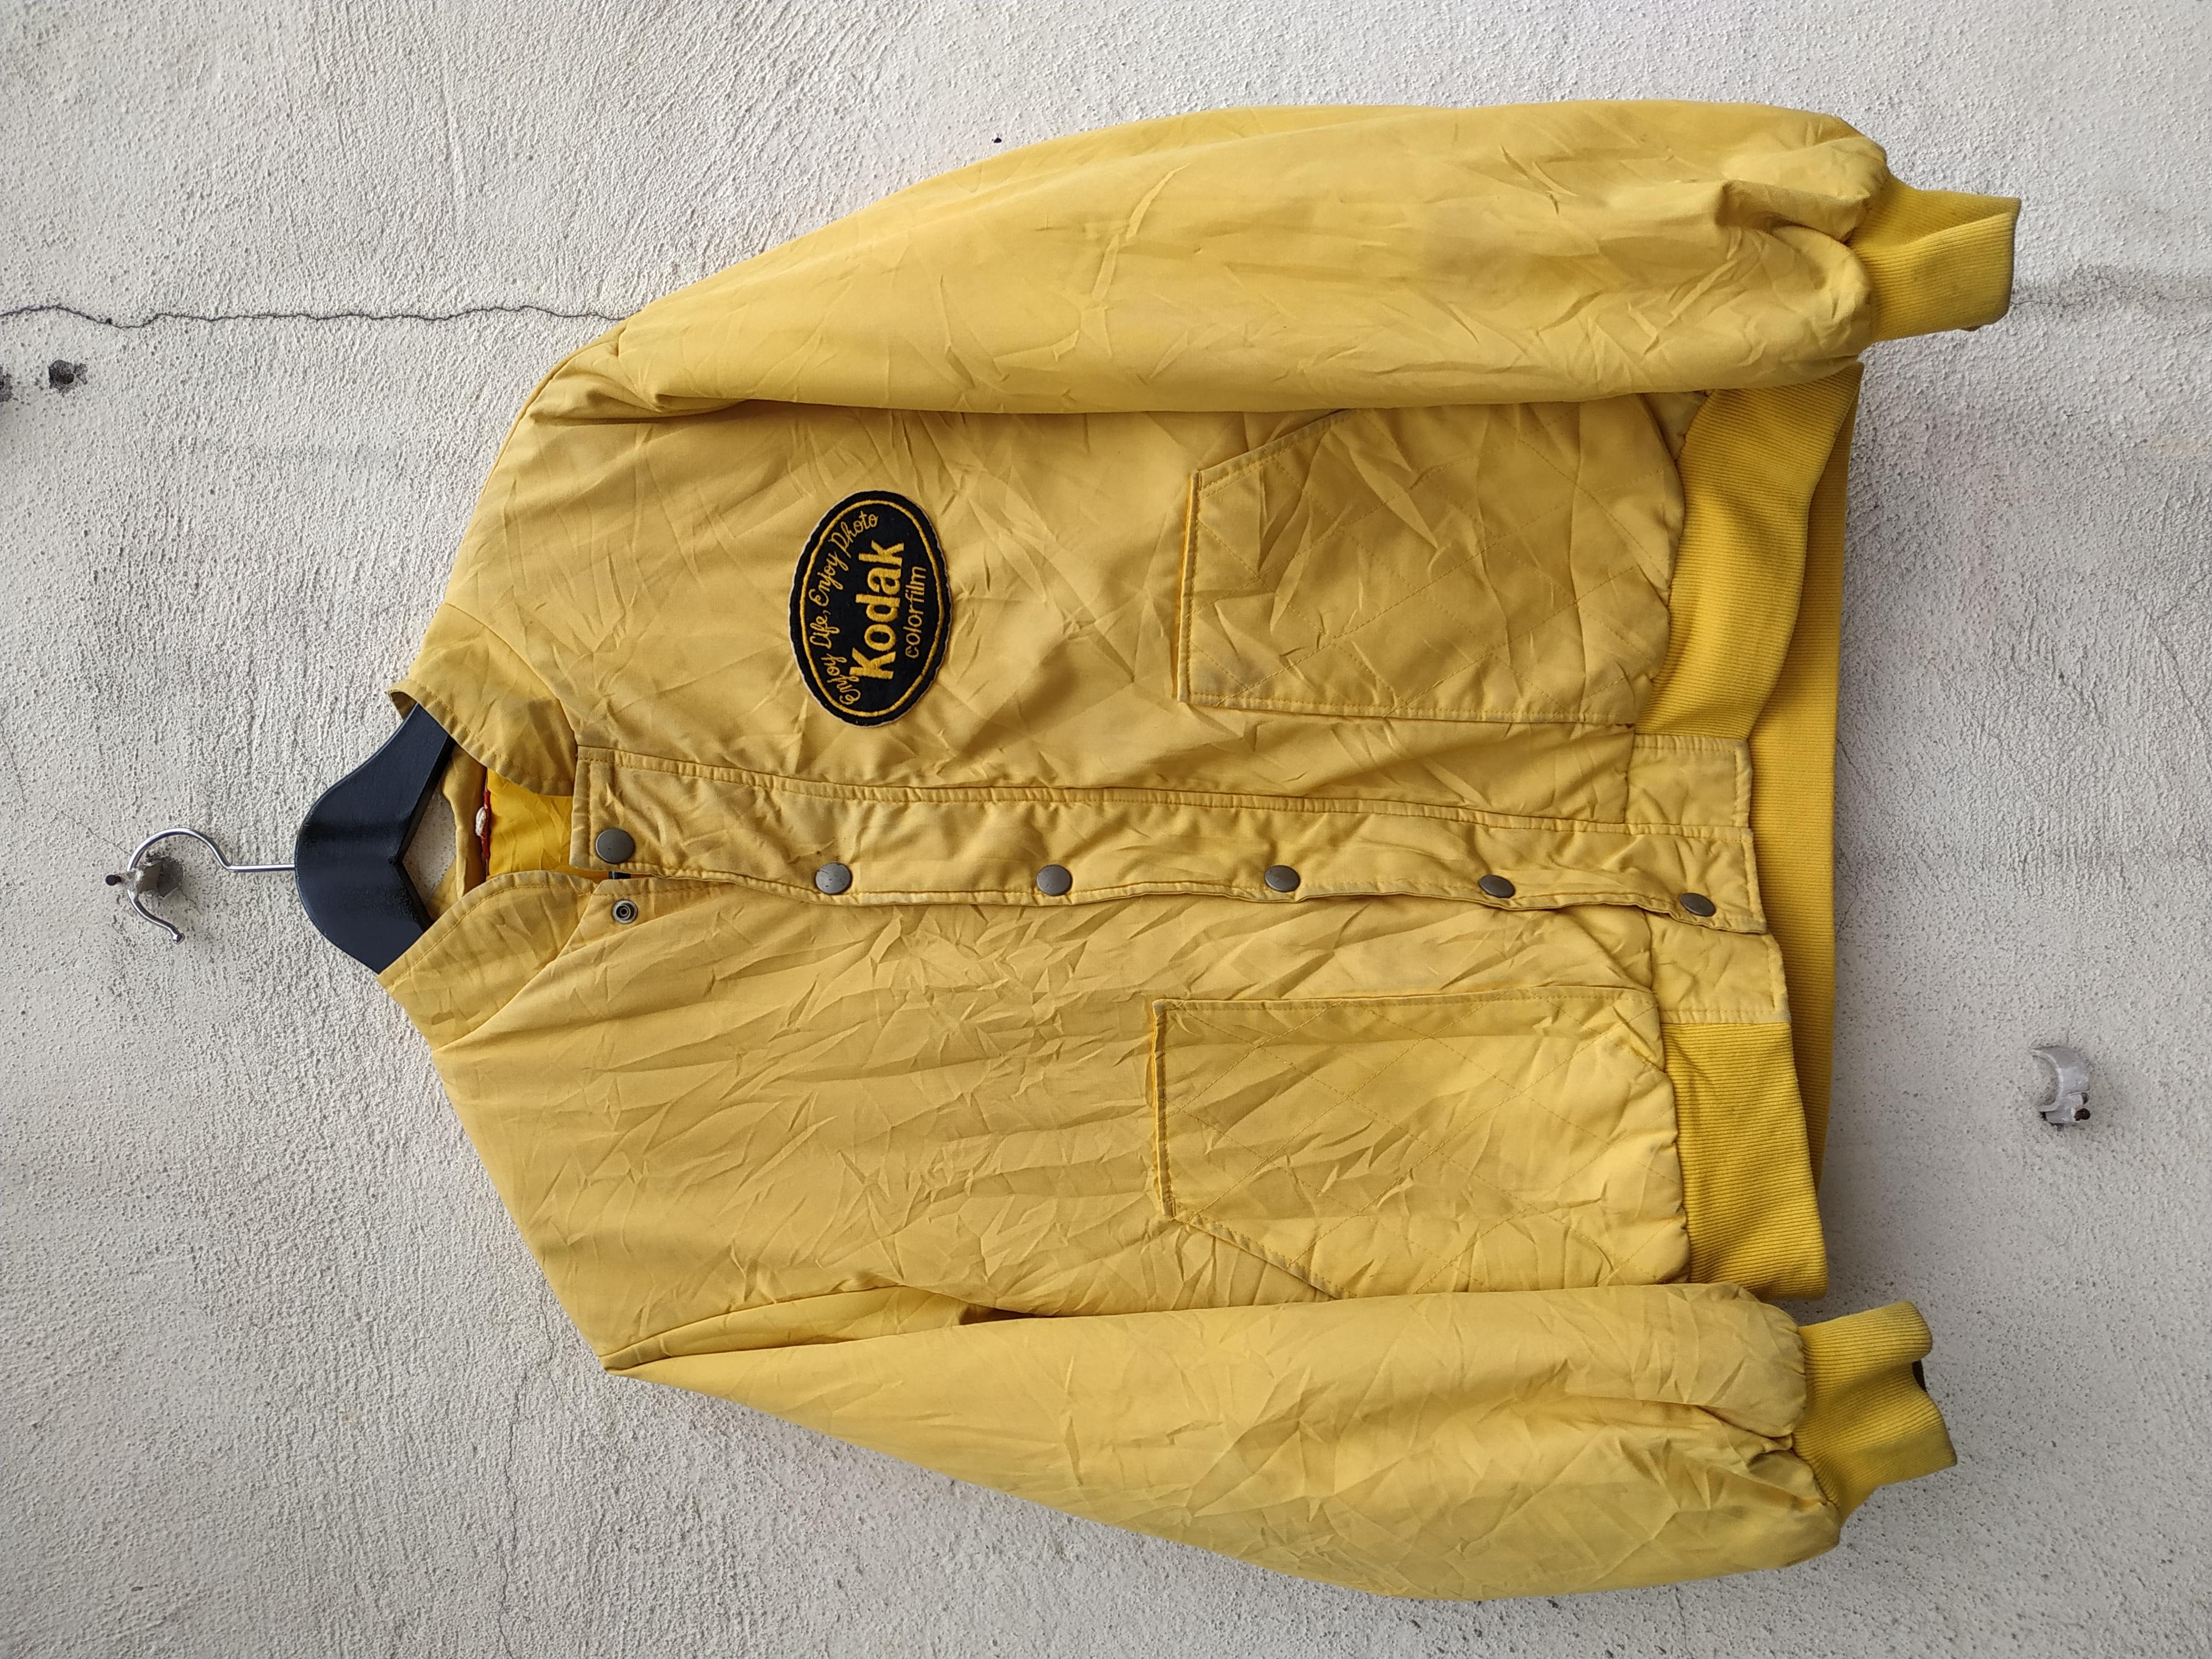 Vtg Fuji Chrome Provia Film Harrington Jacket Kodak Fuji Color Film Japan Brand